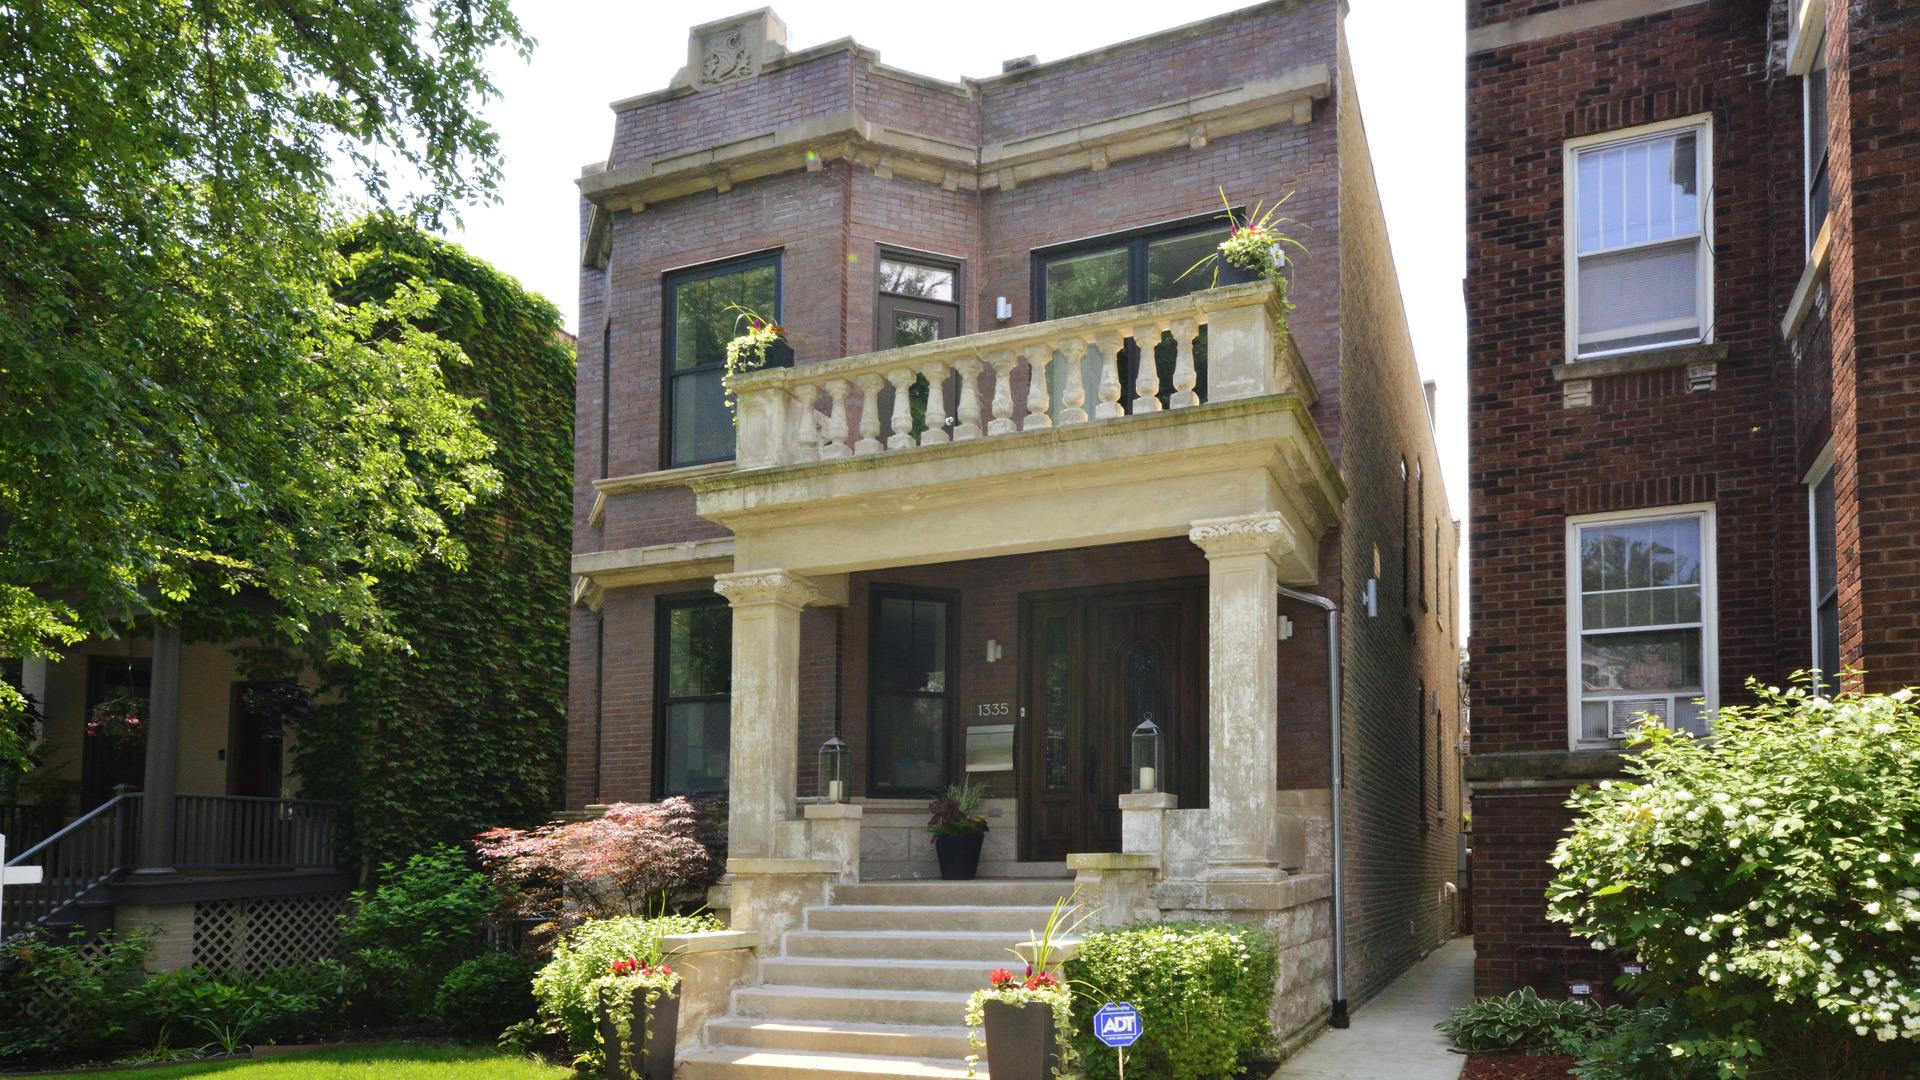 1335 West Norwood Street, Rogers Park, Illinois